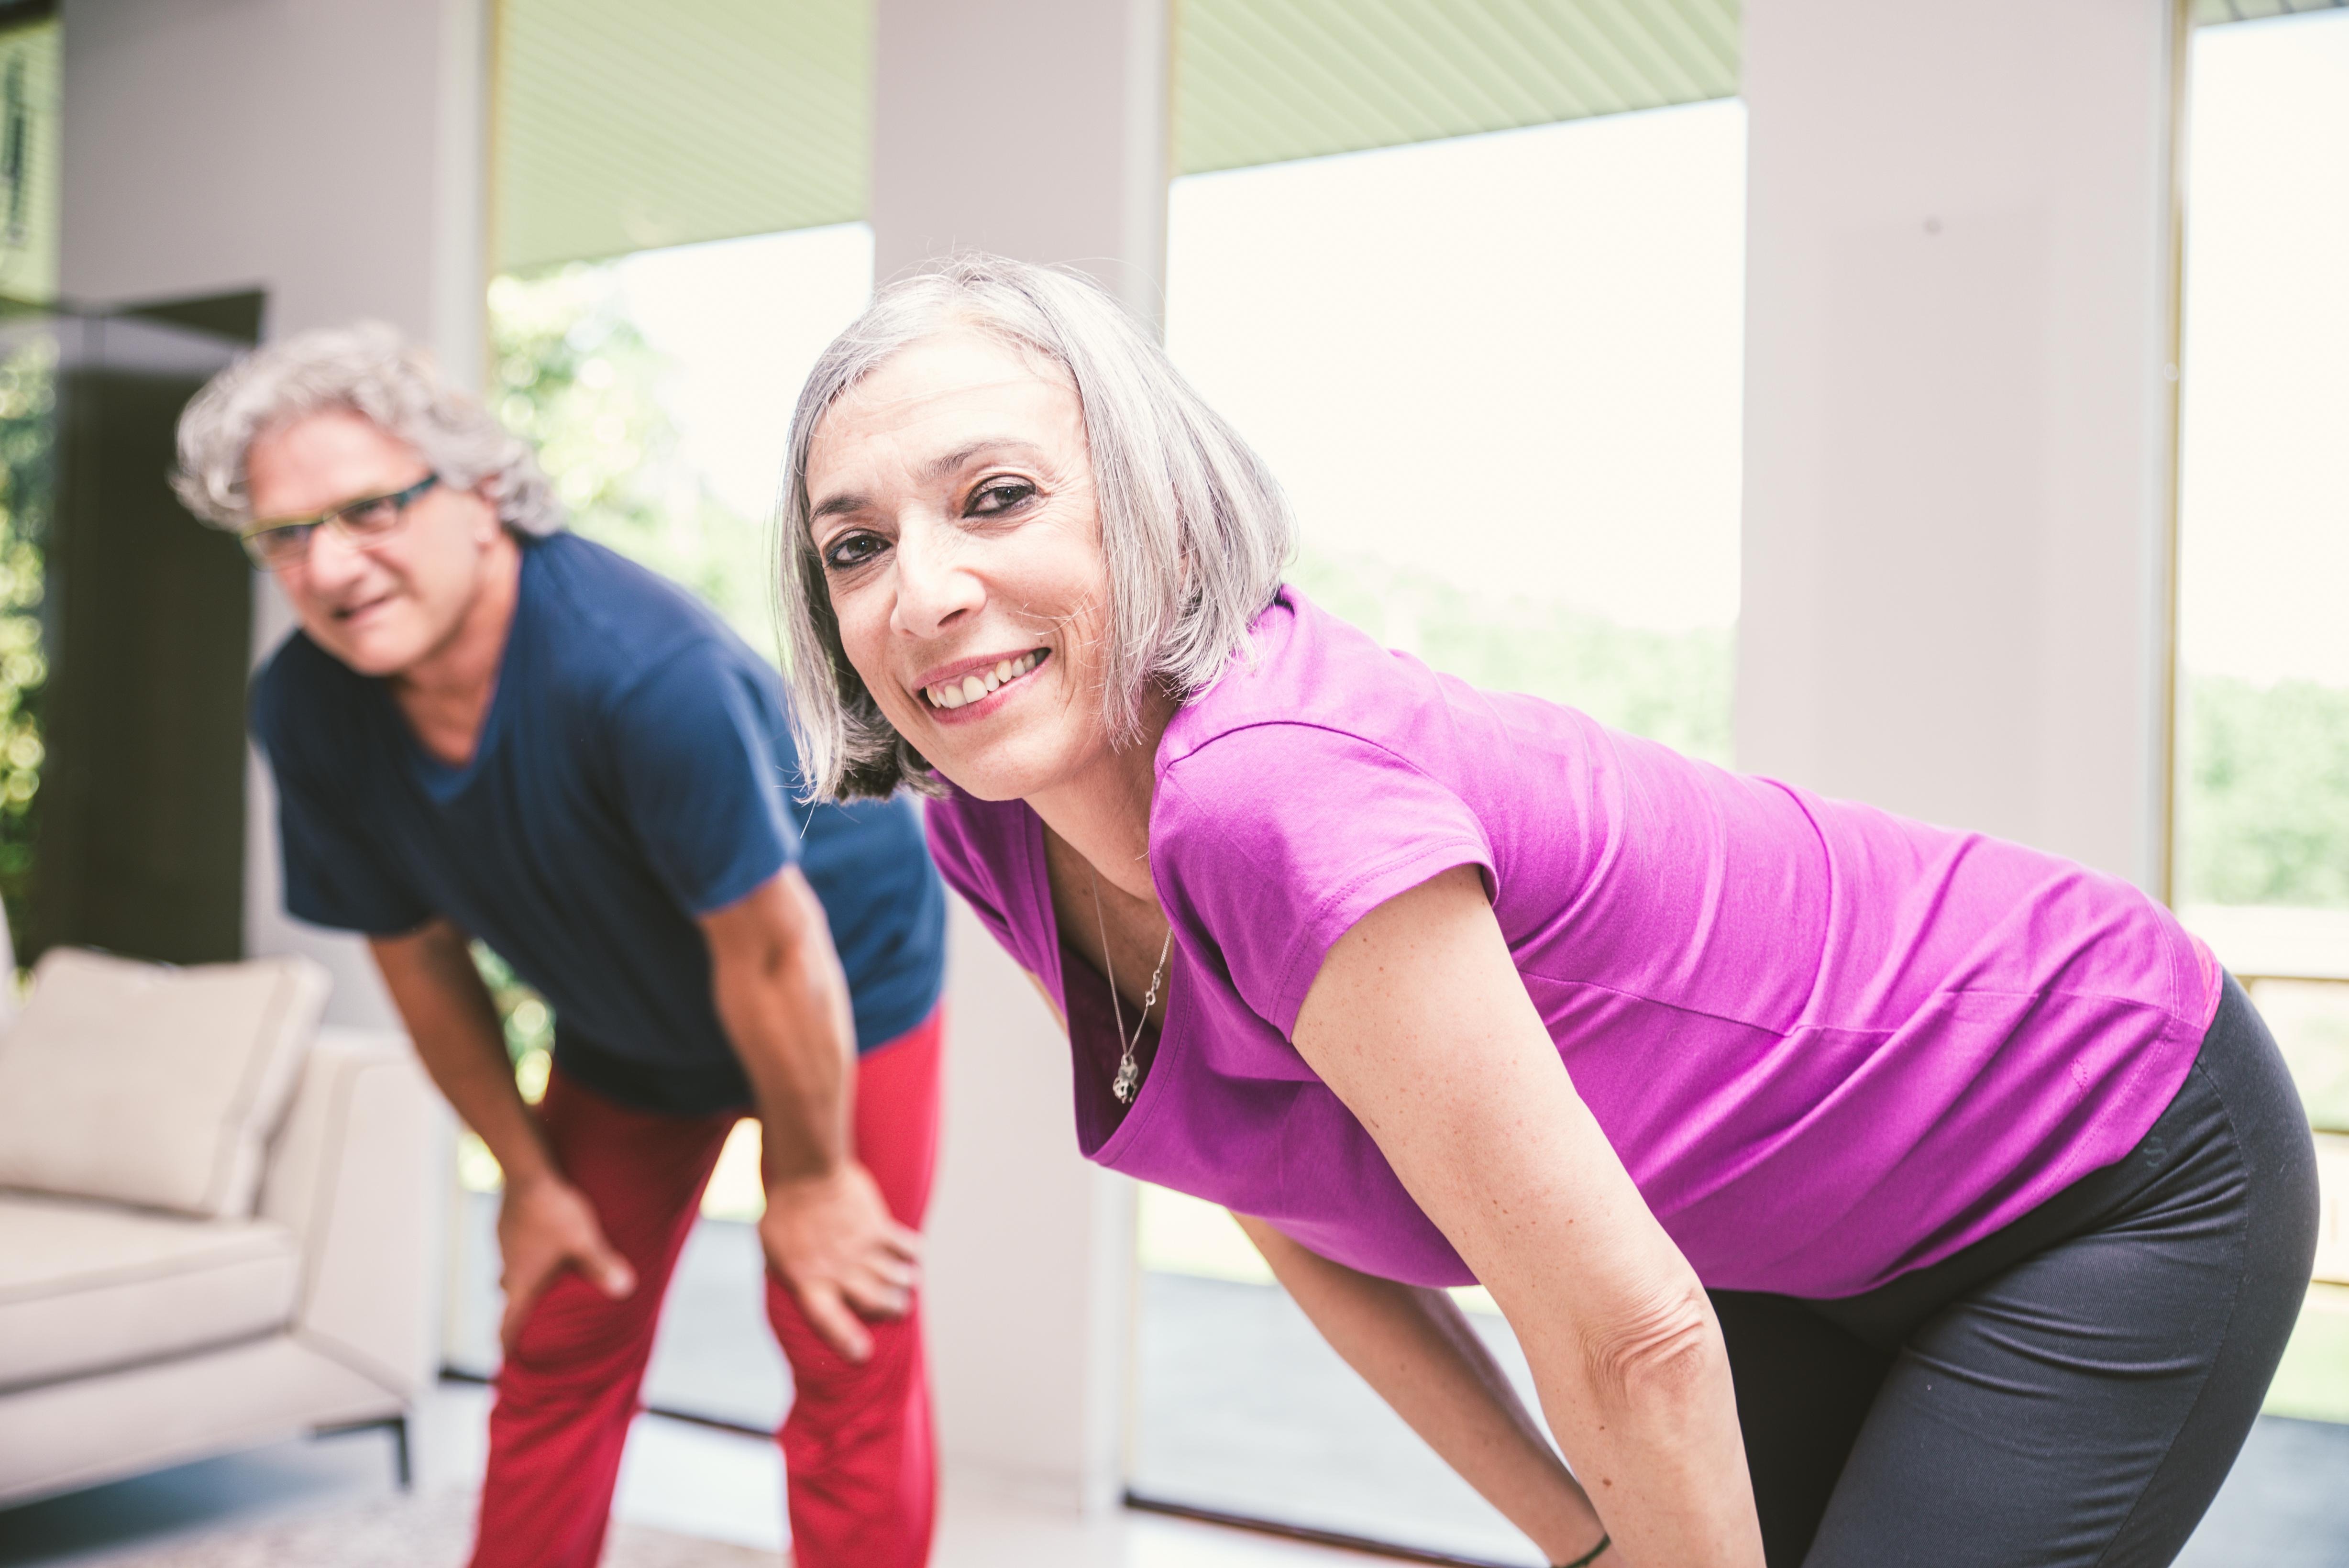 En person som redan är sjuk kan göra stora hälsovinster med förbättrade levnadsvanor.